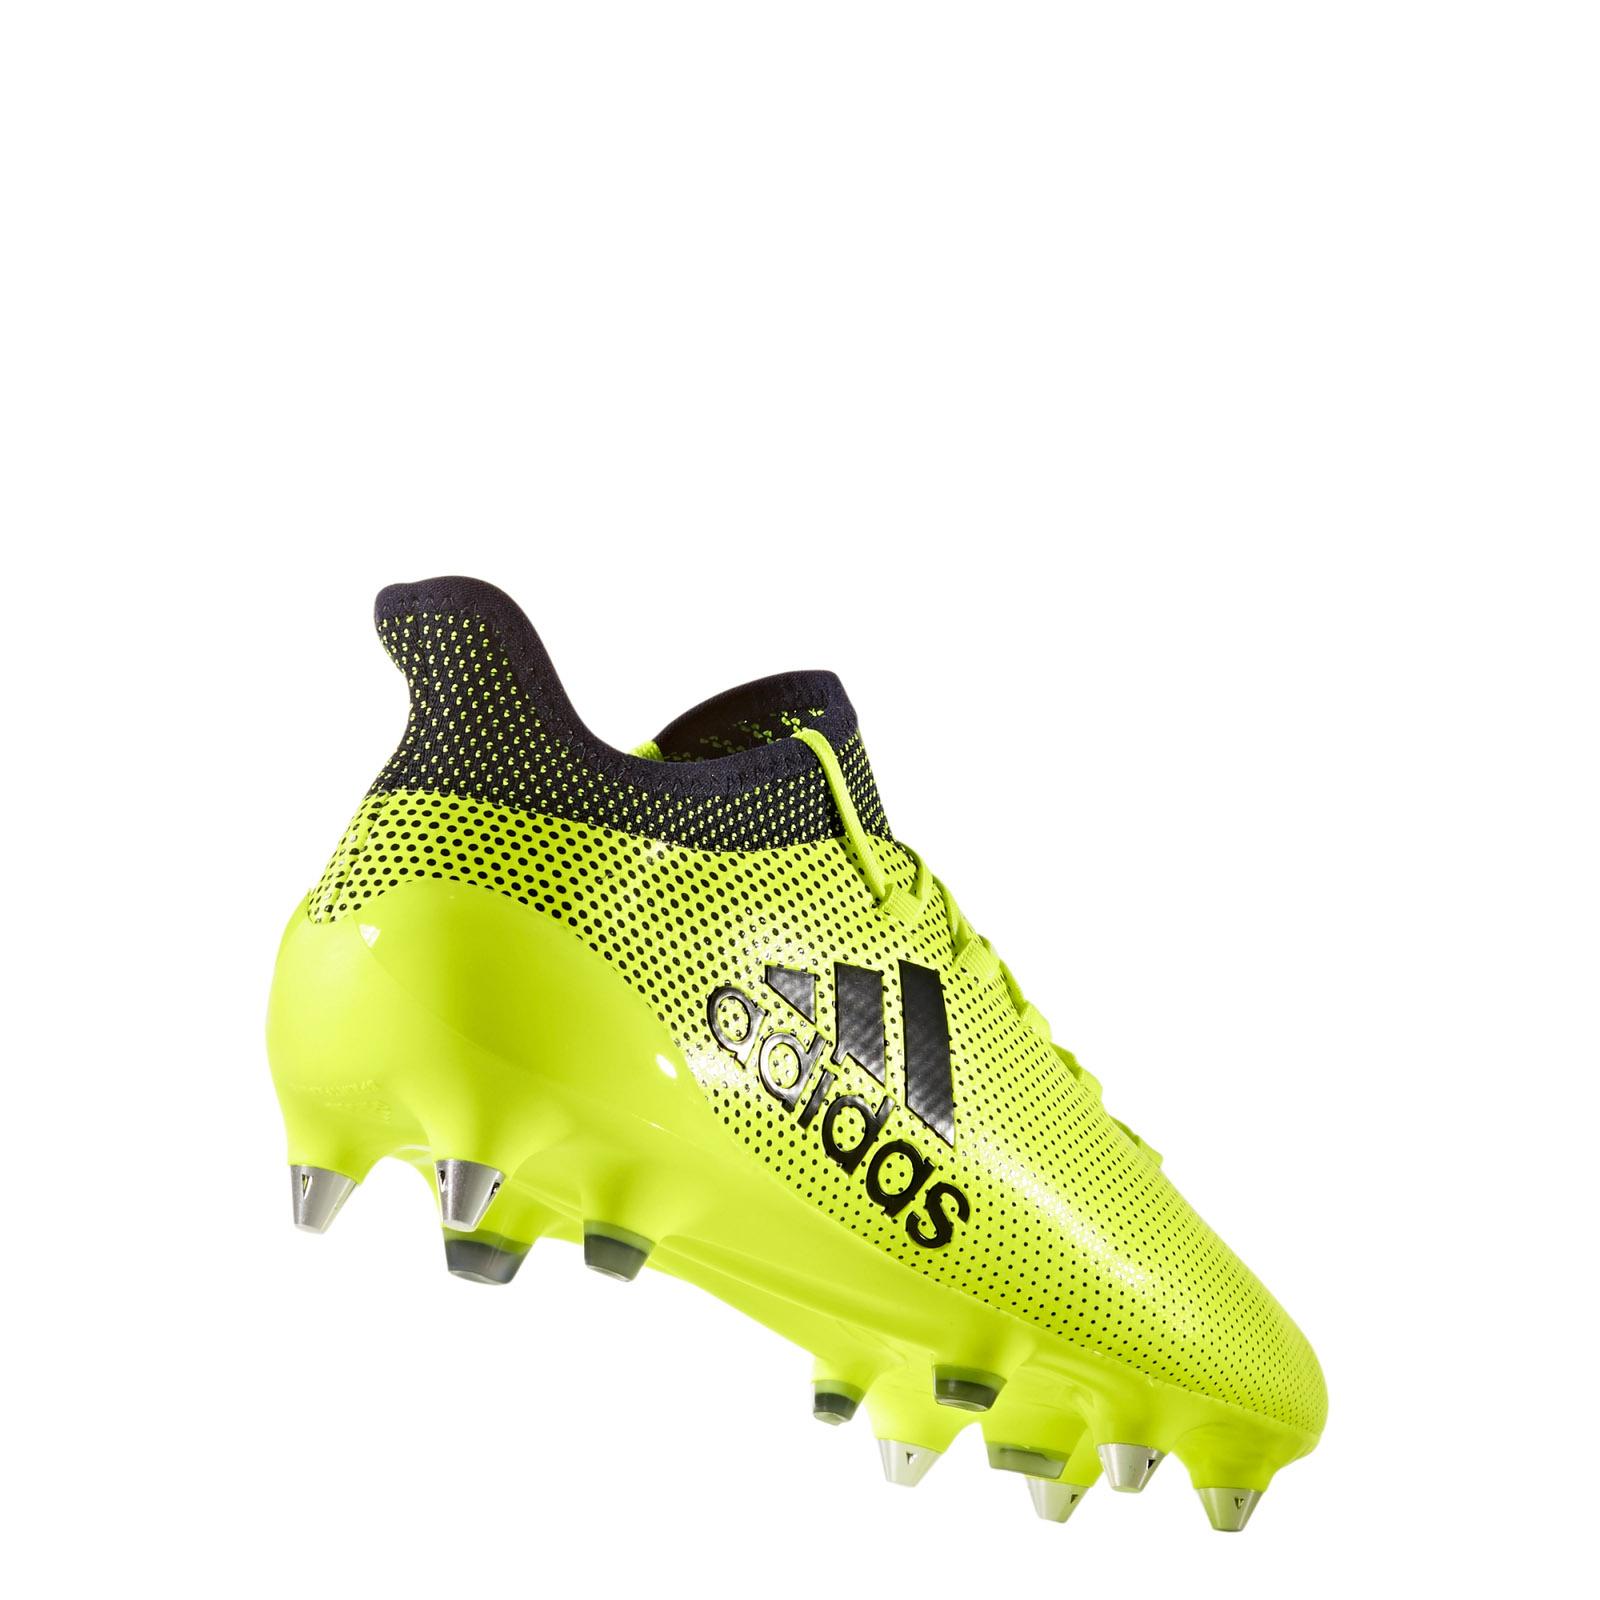 1 Zu Adidas Sg 17 Fußballschuhe Details Rasen Schuhe S82314 X Fußball Gelbschwarz Stollen TK3JcFl1